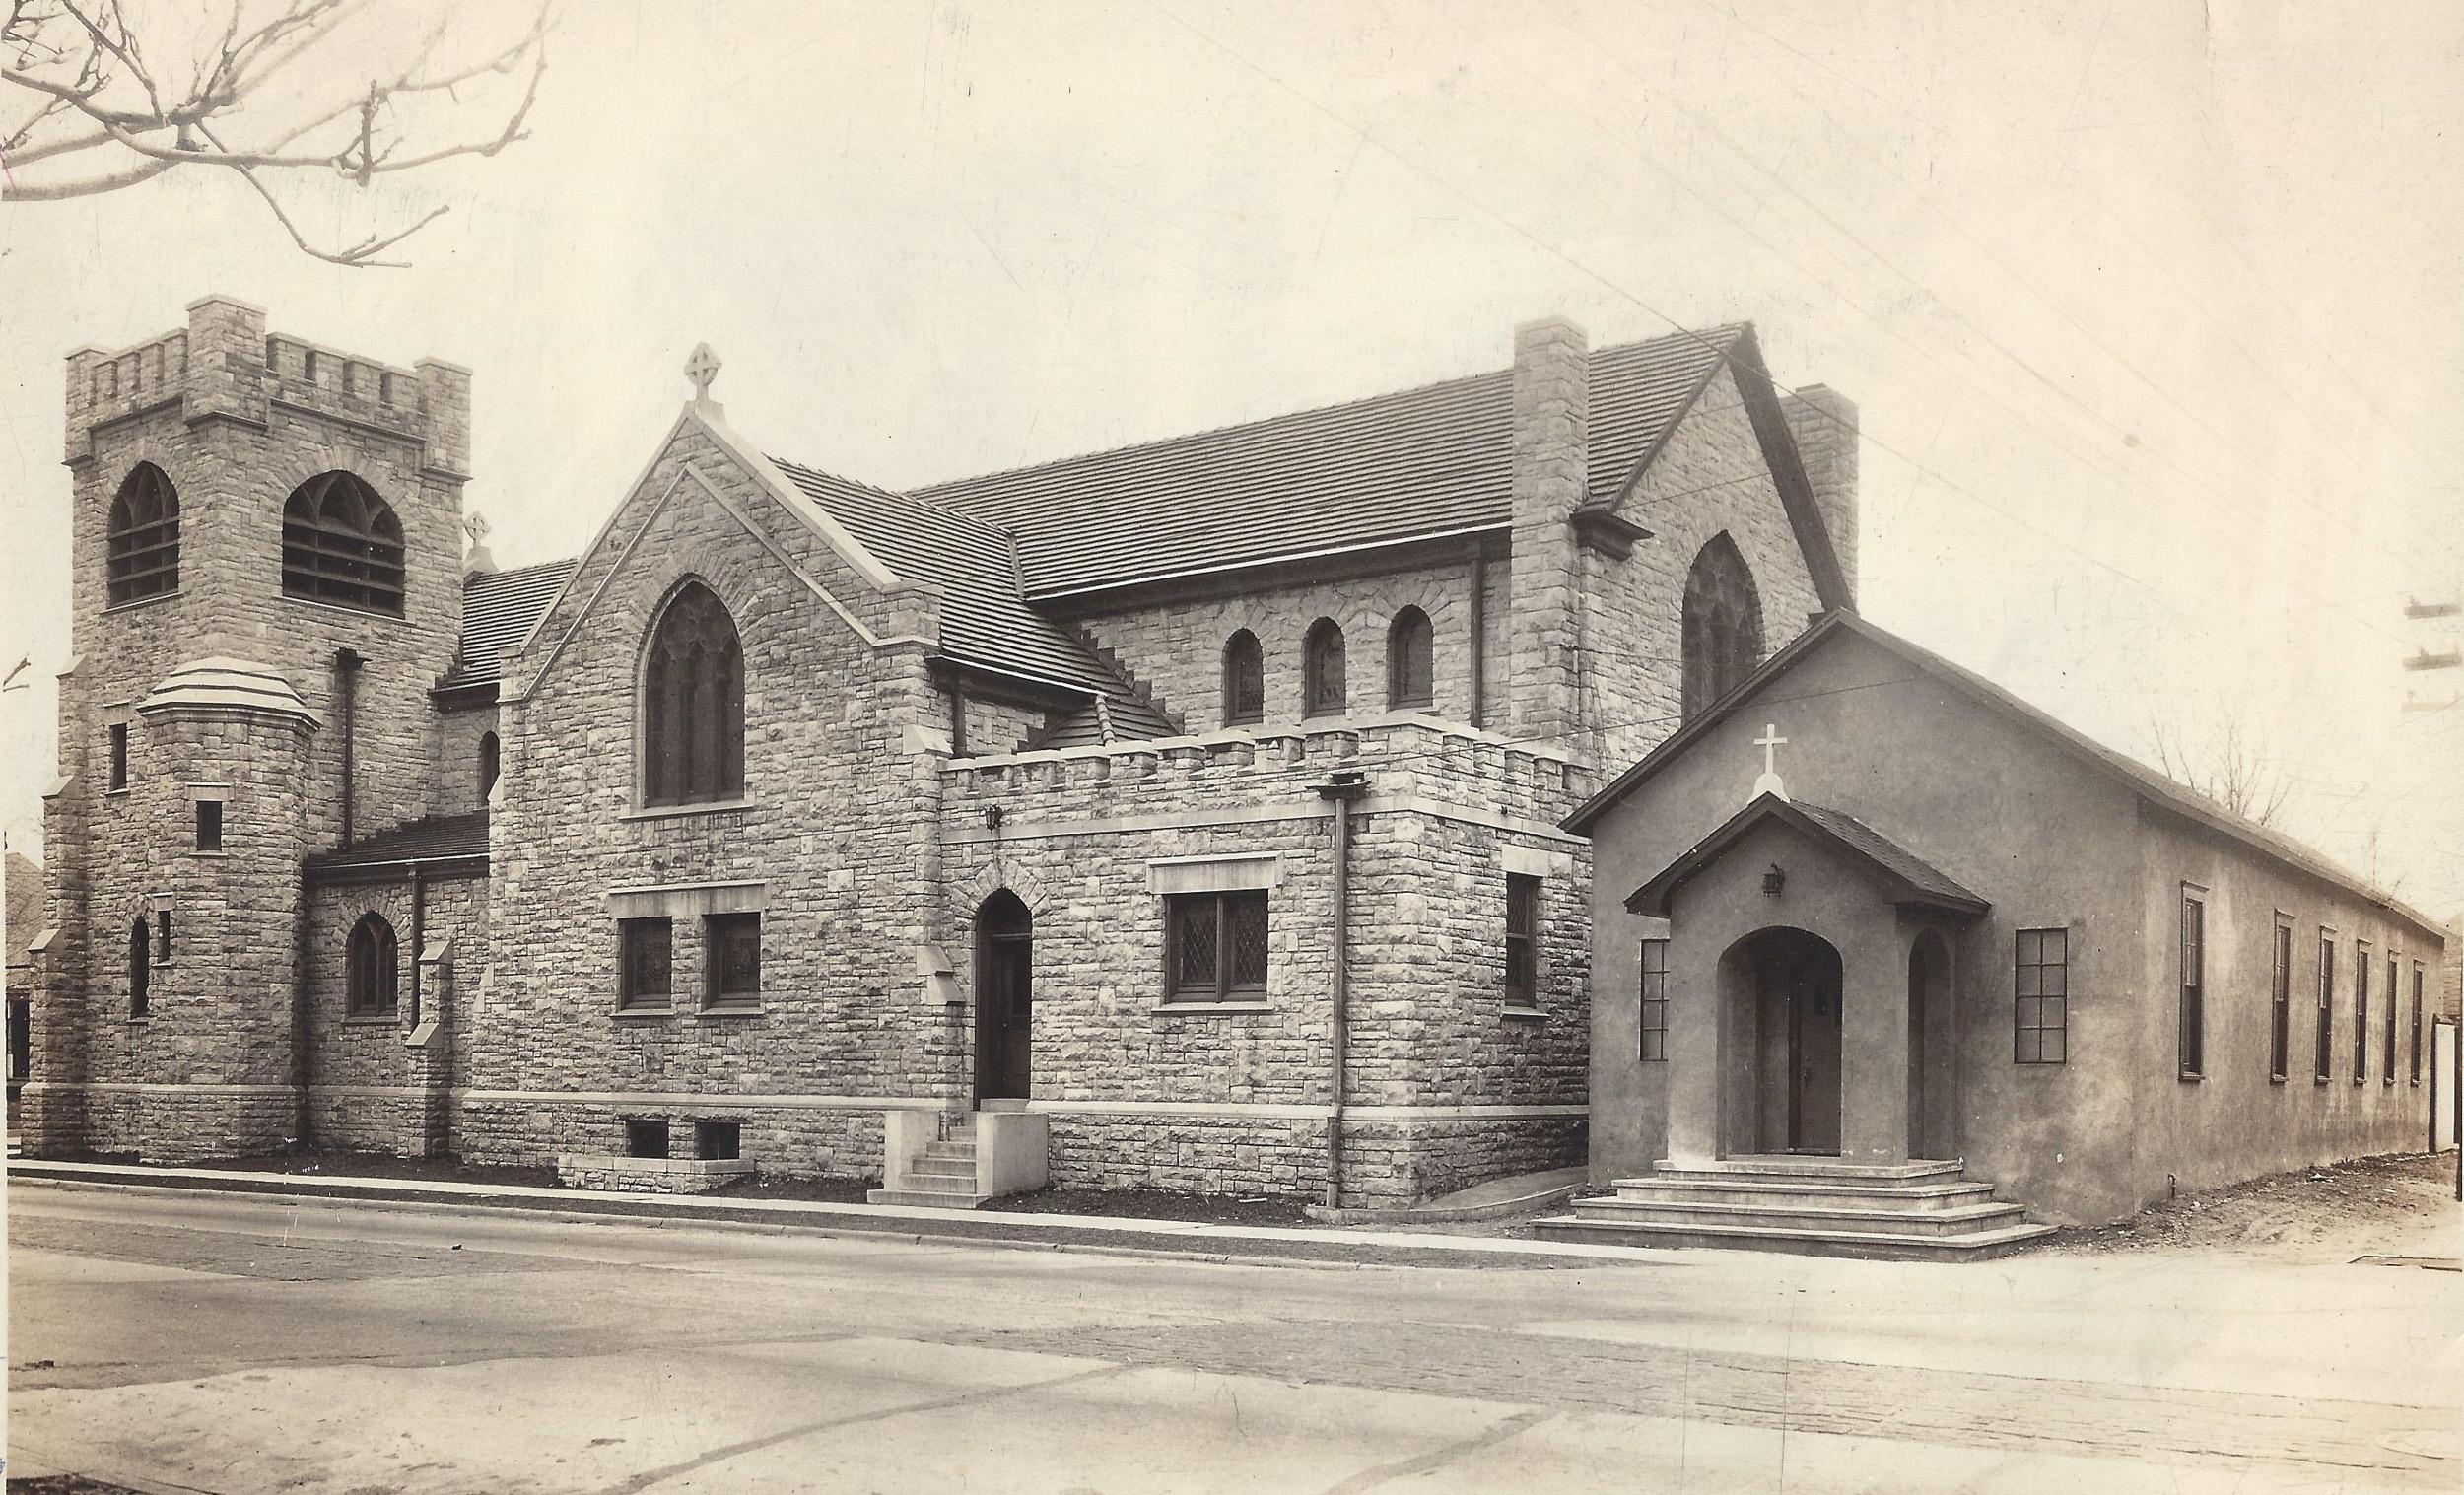 St. Philip's, Joplin